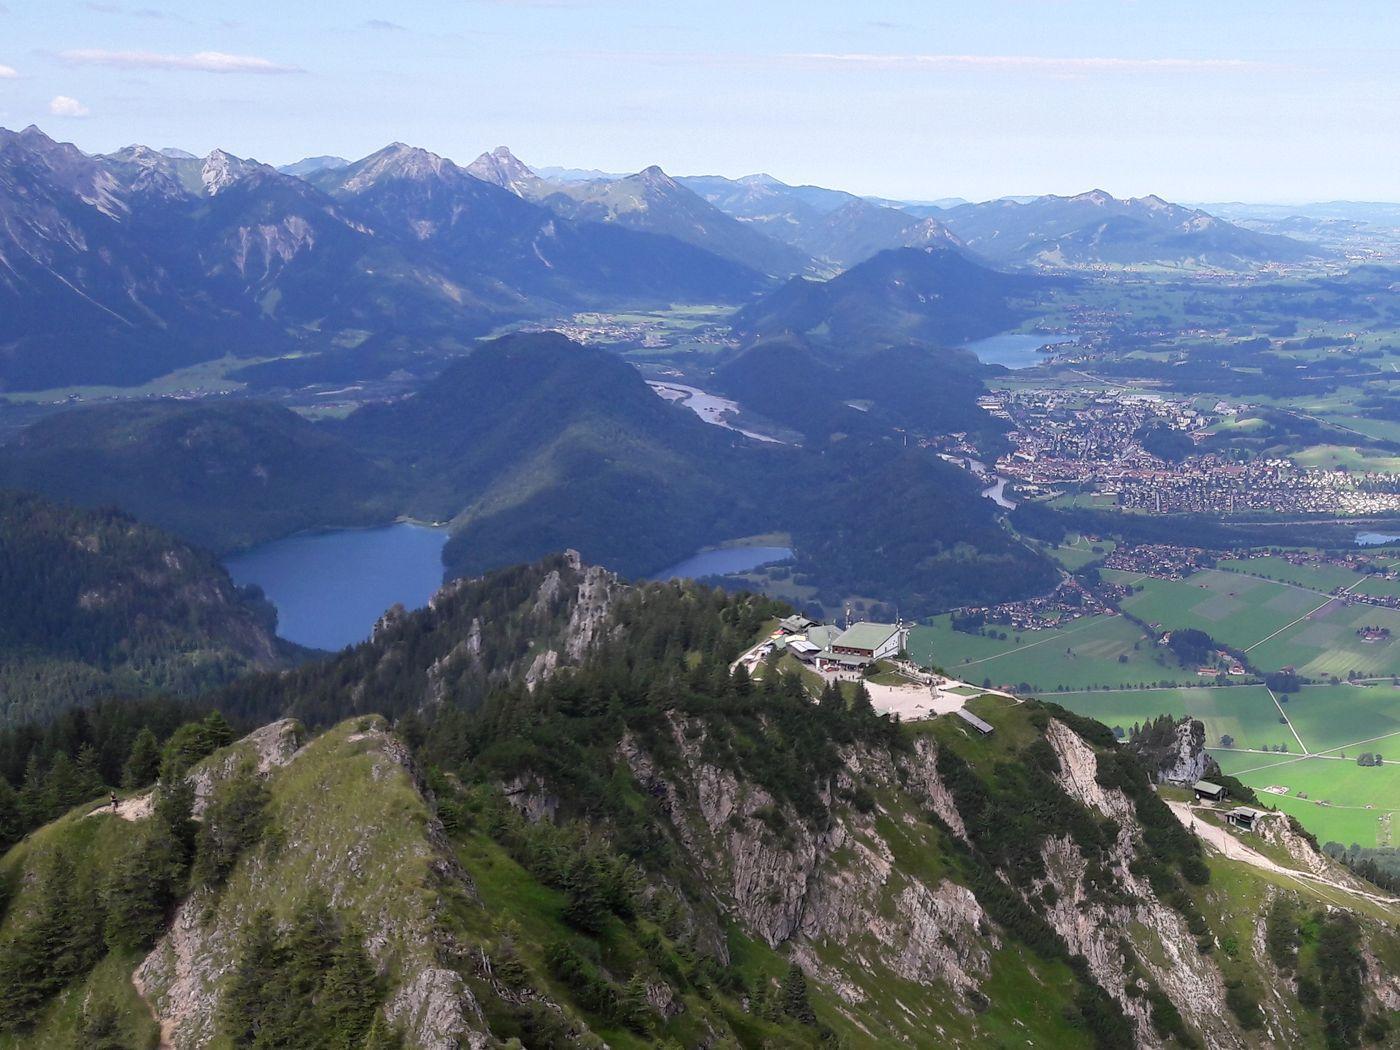 Ausblick vom Branderschrofen tief hinunter auf den Tegelberg und den Alpsee